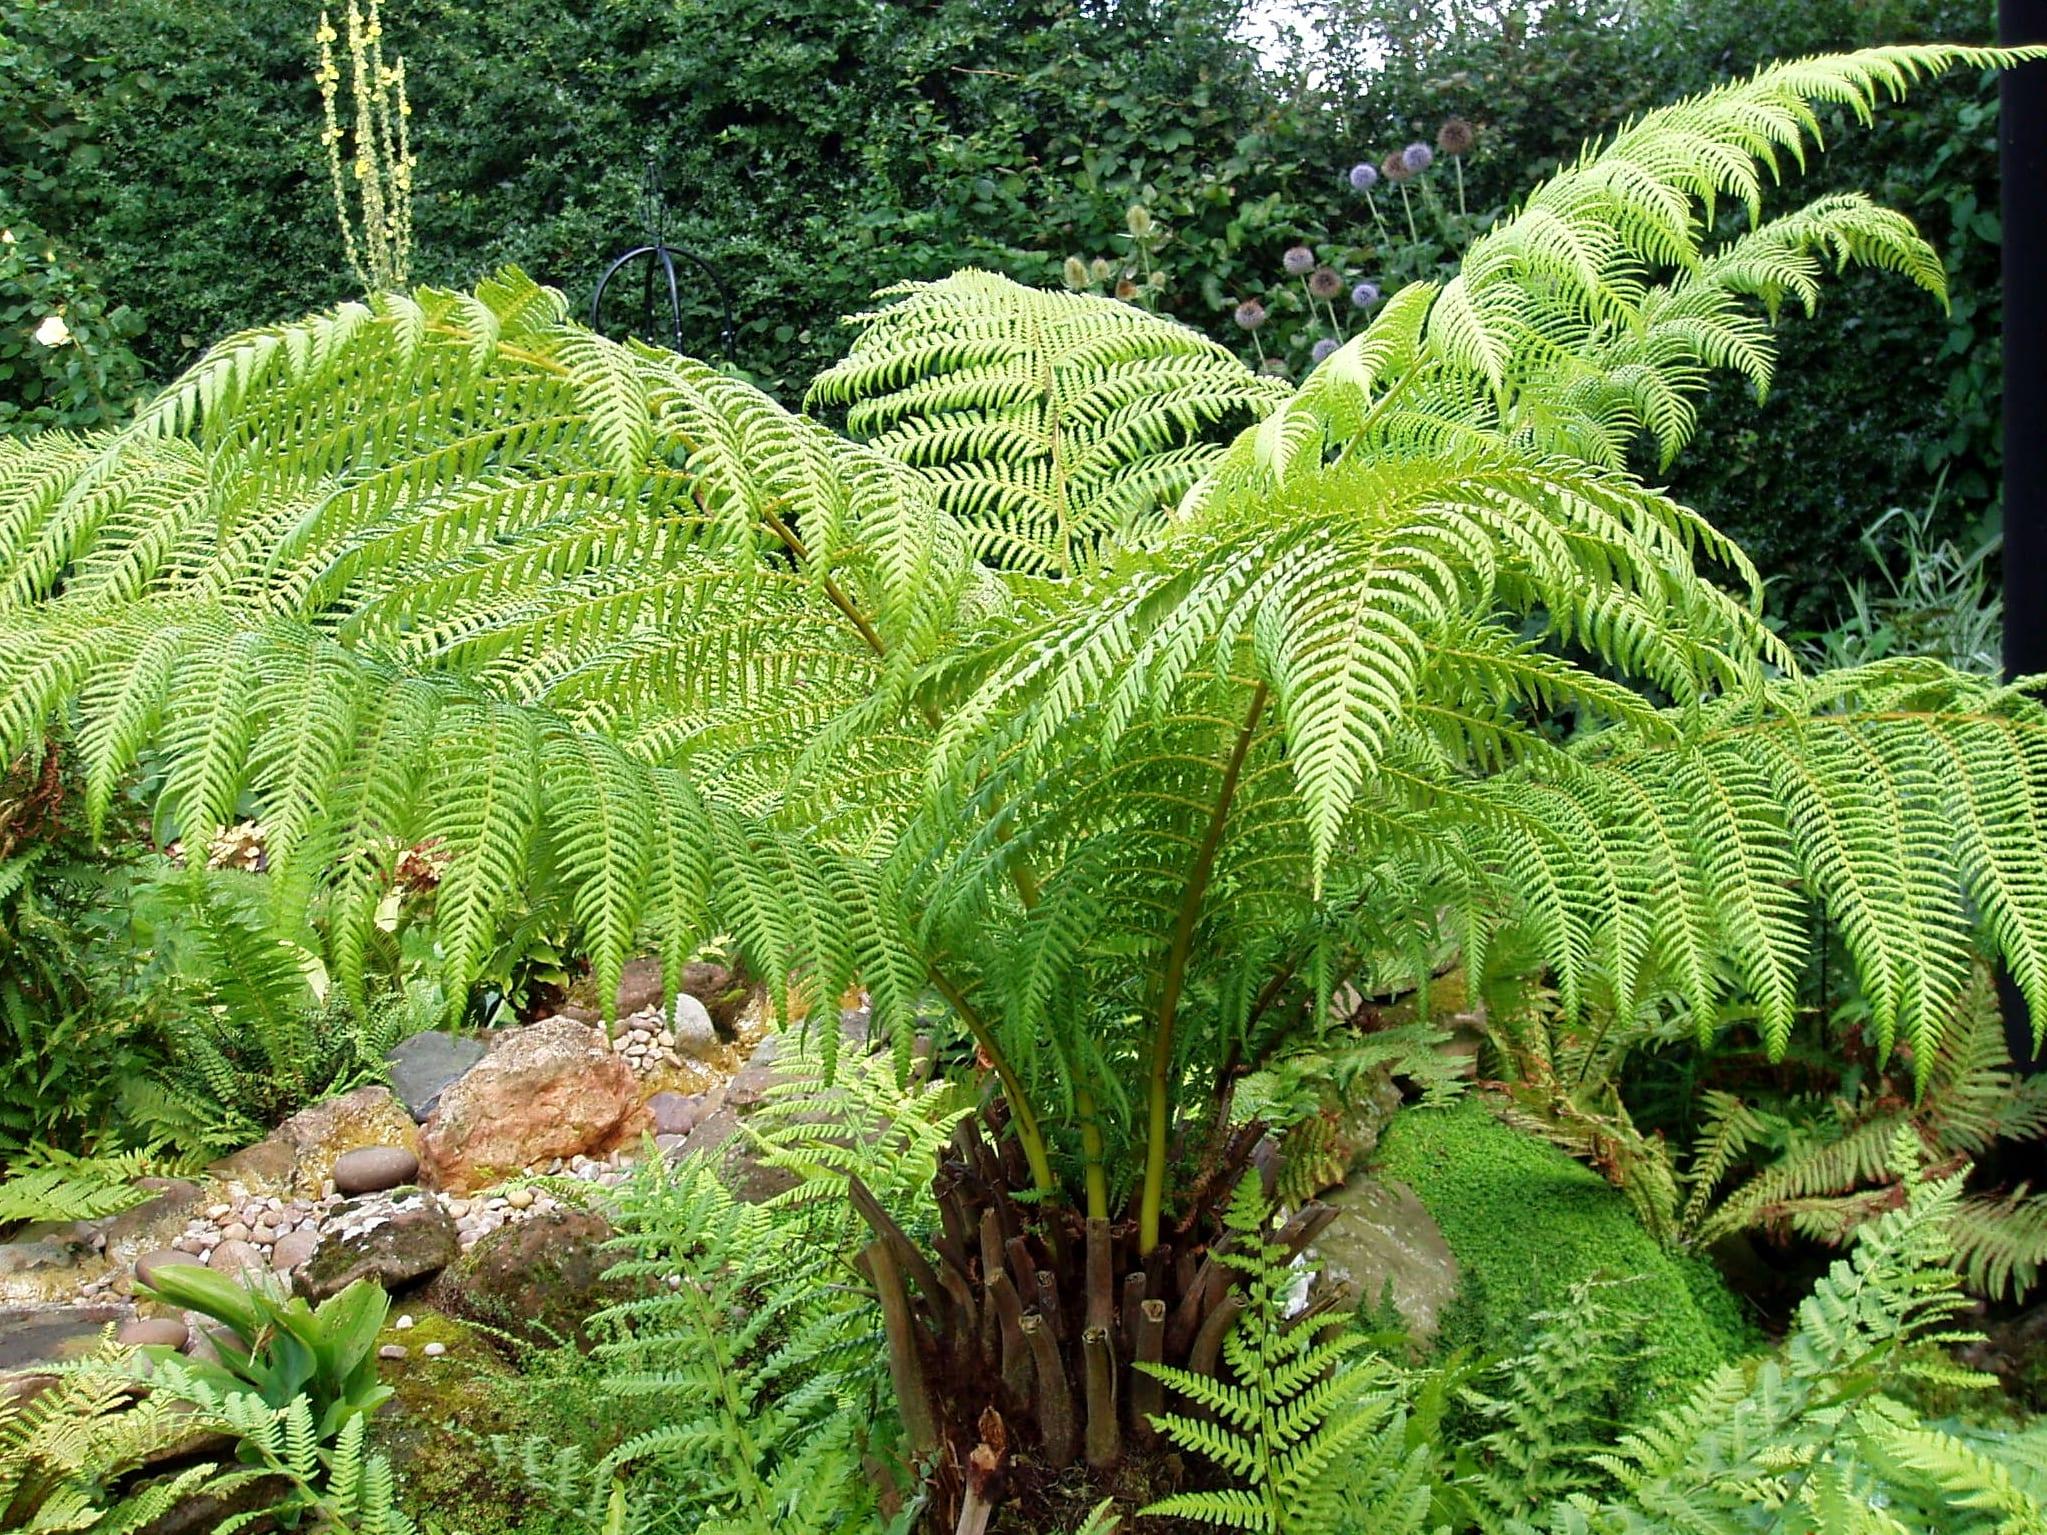 5 plantas sin flores para jard n o maceta for Planta ornamental helecho nombre cientifico